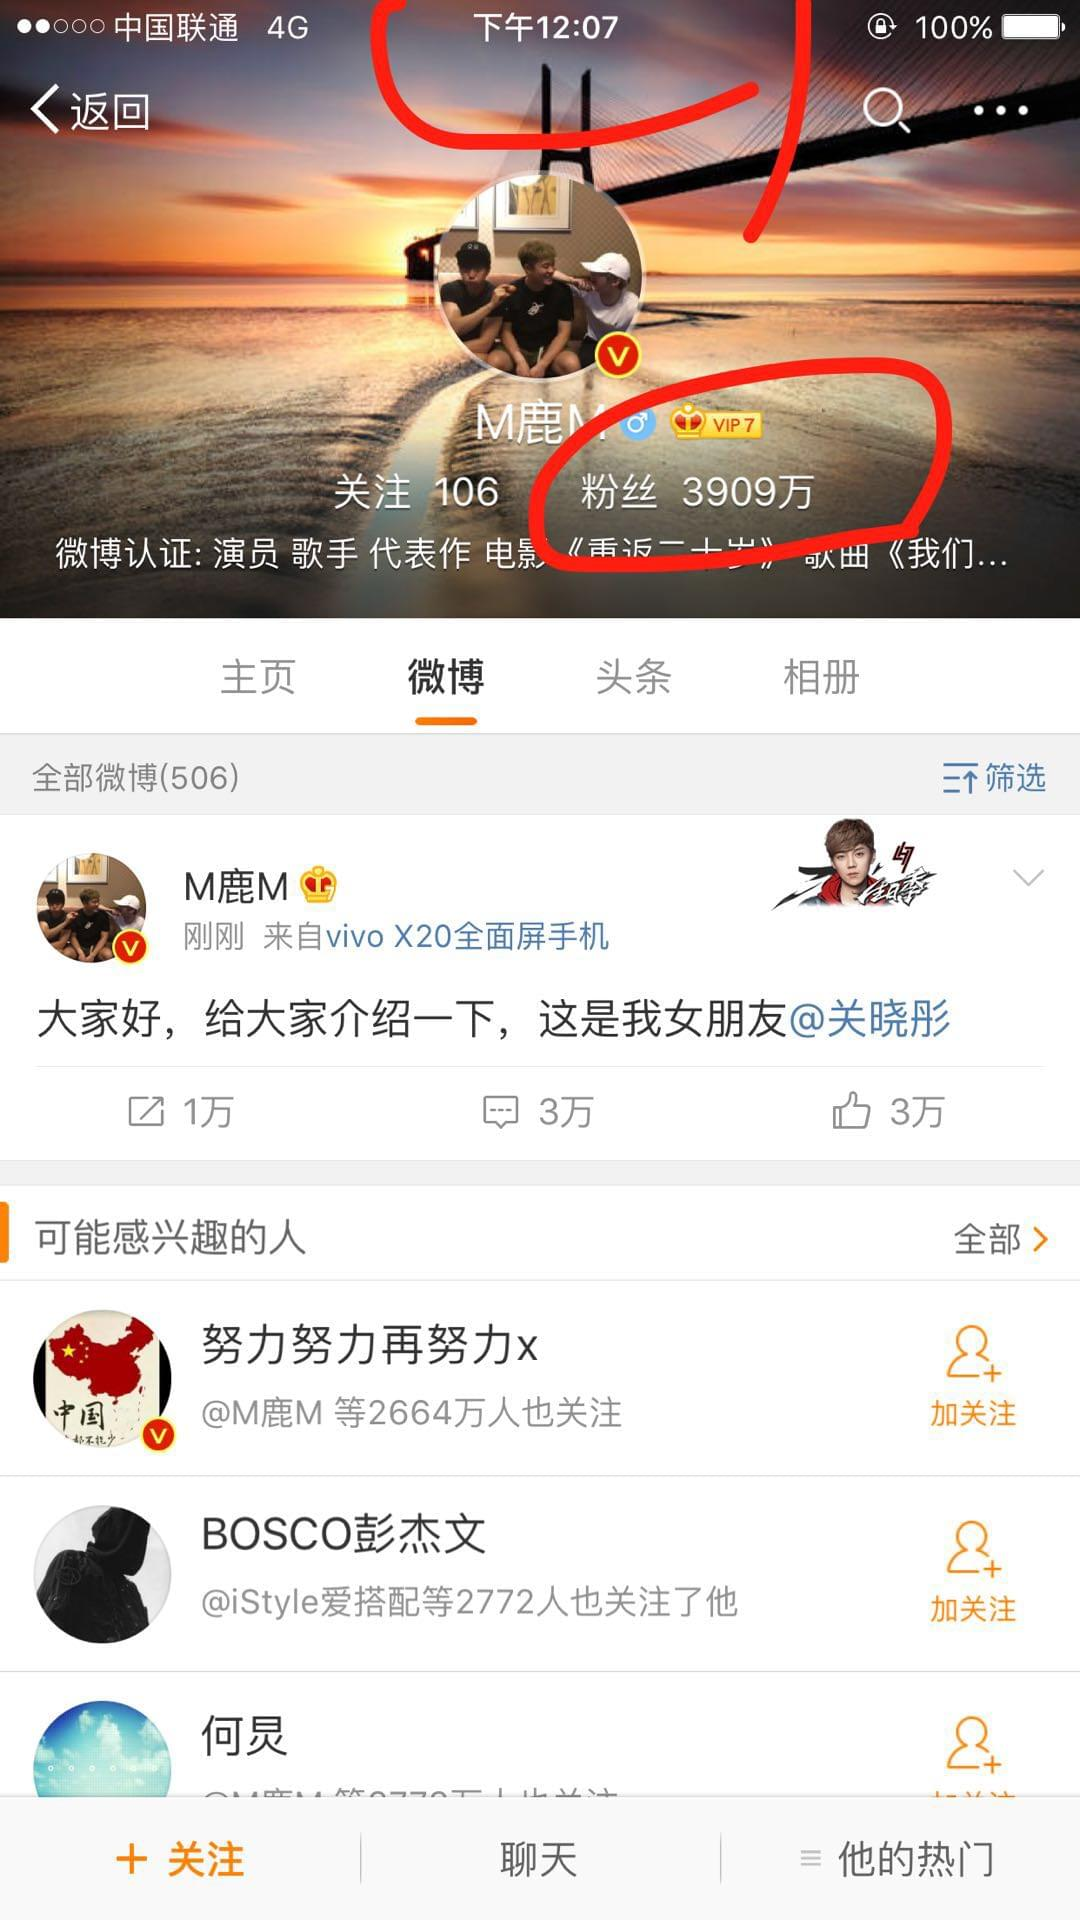 鹿晗公开与关晓彤恋情 不仅没掉粉一小时反增43万